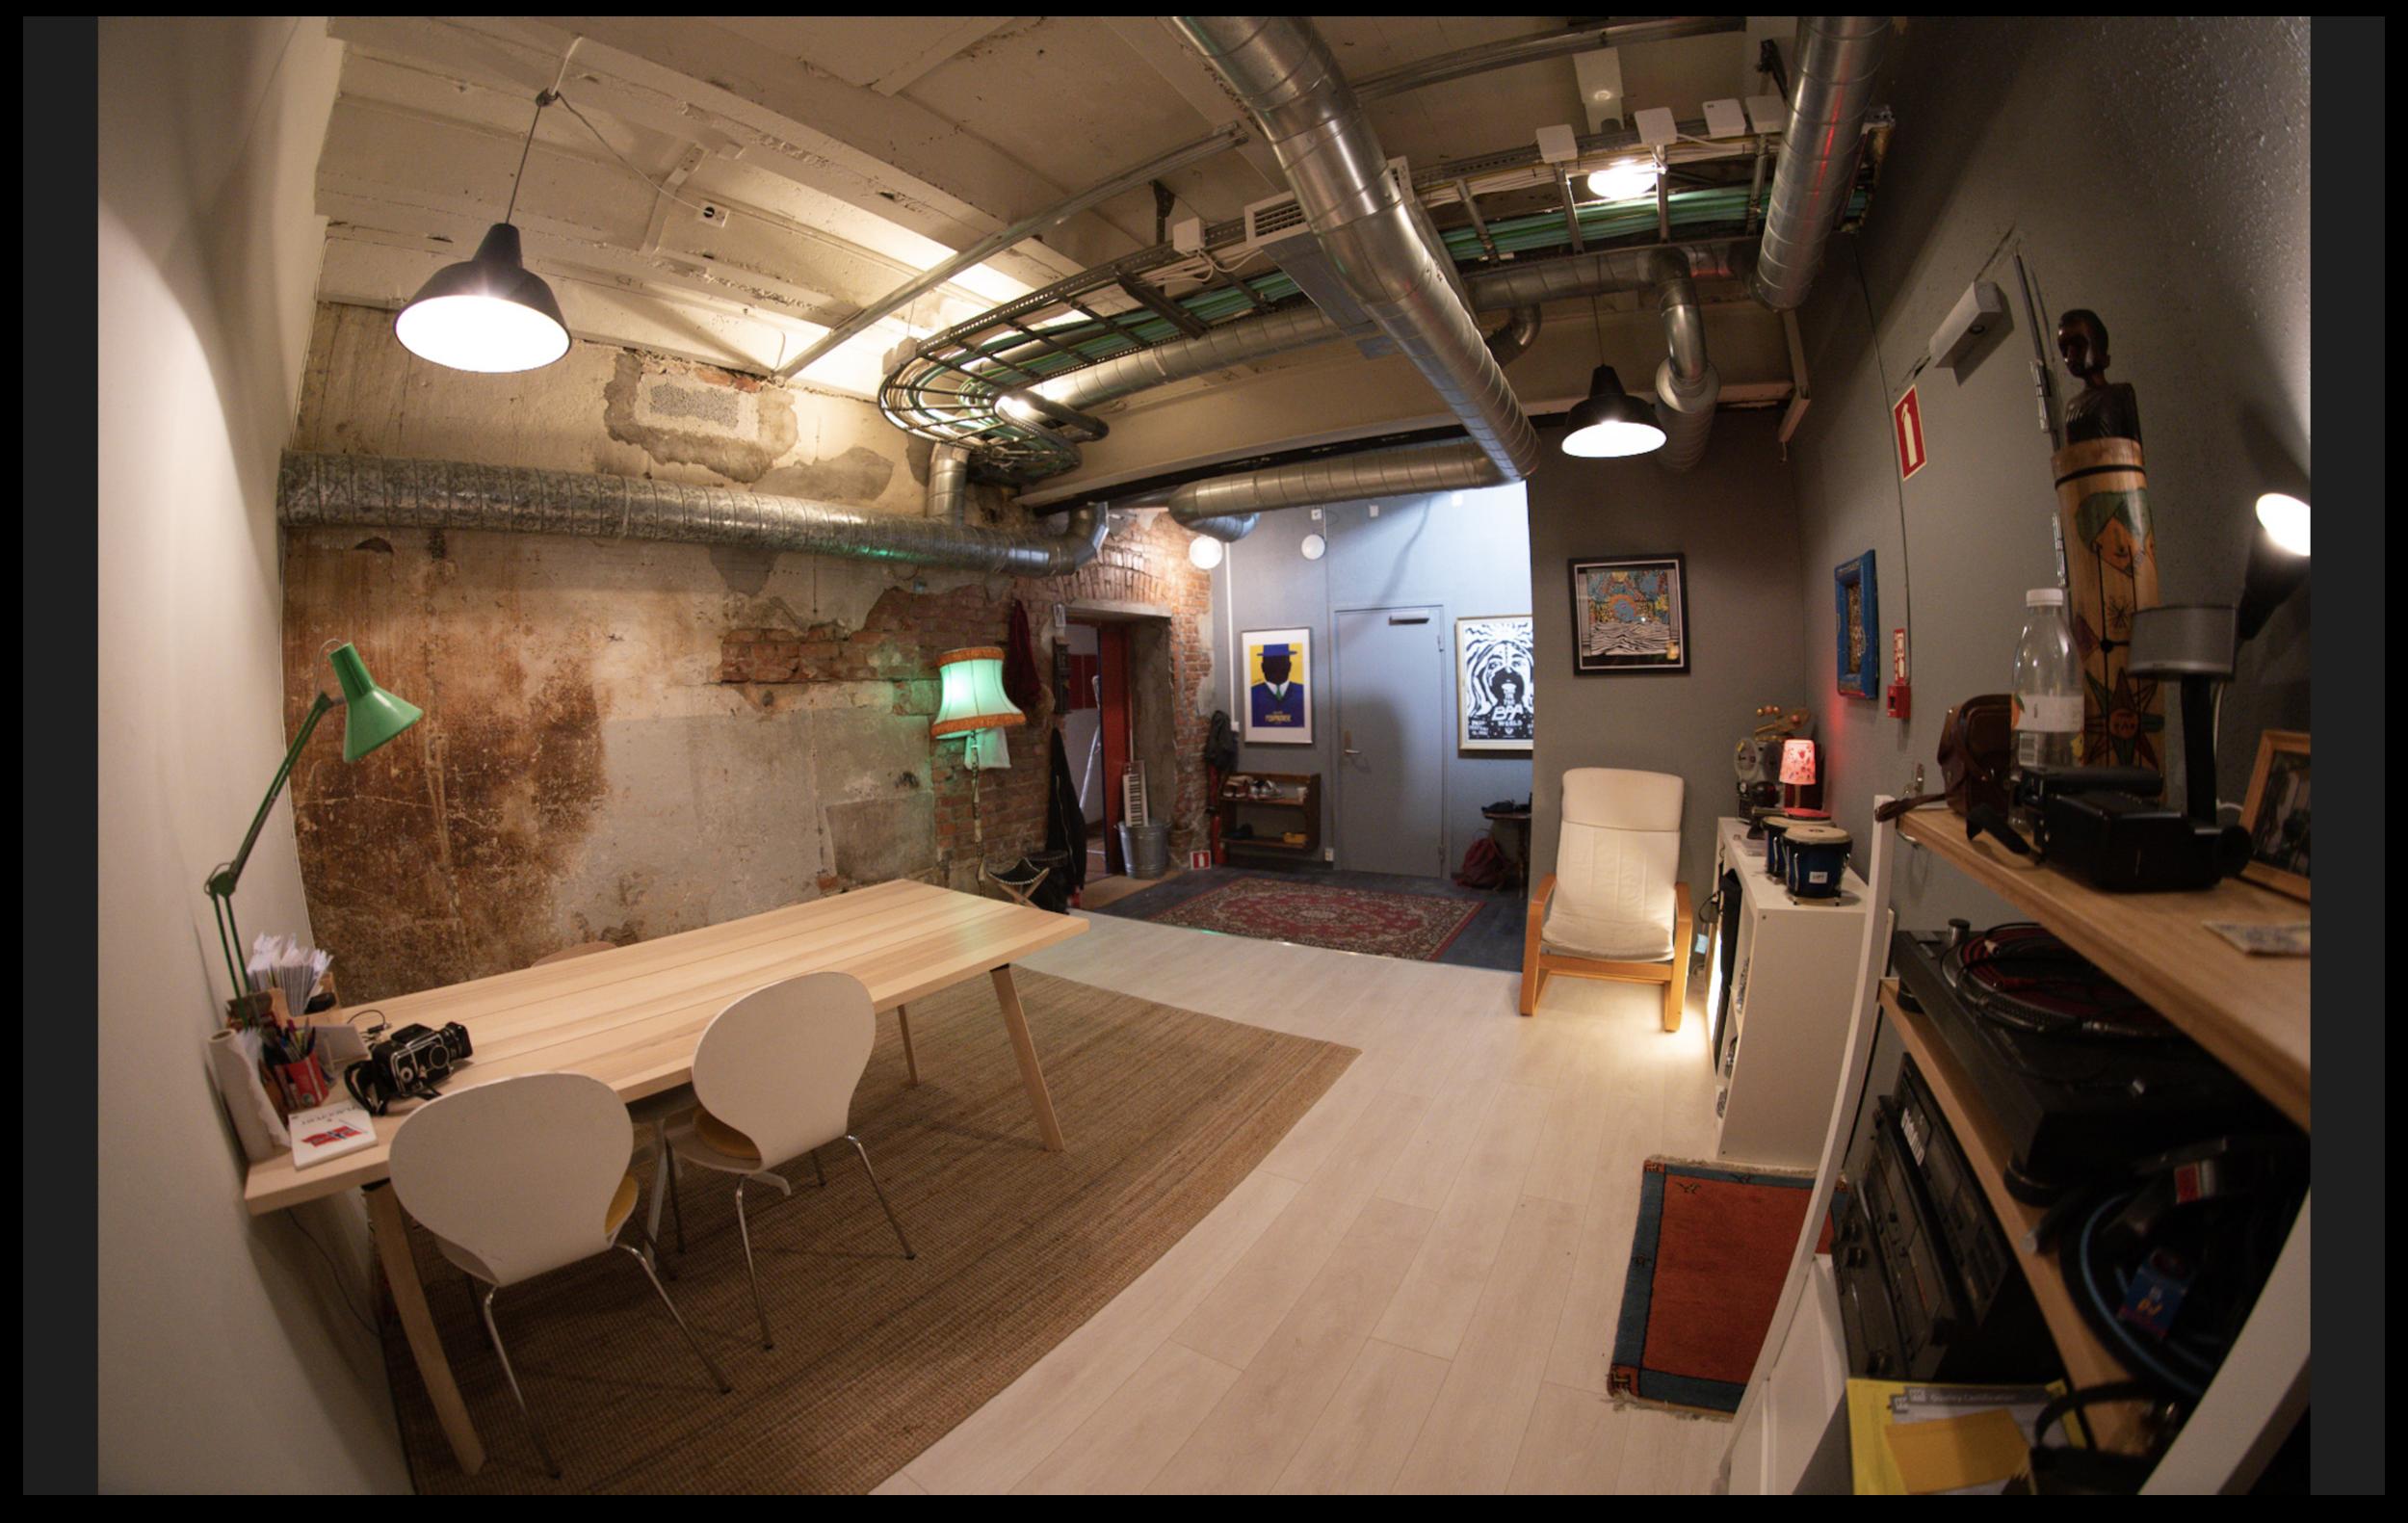 LUFT STUDIO :: felles room annen vinkel.png